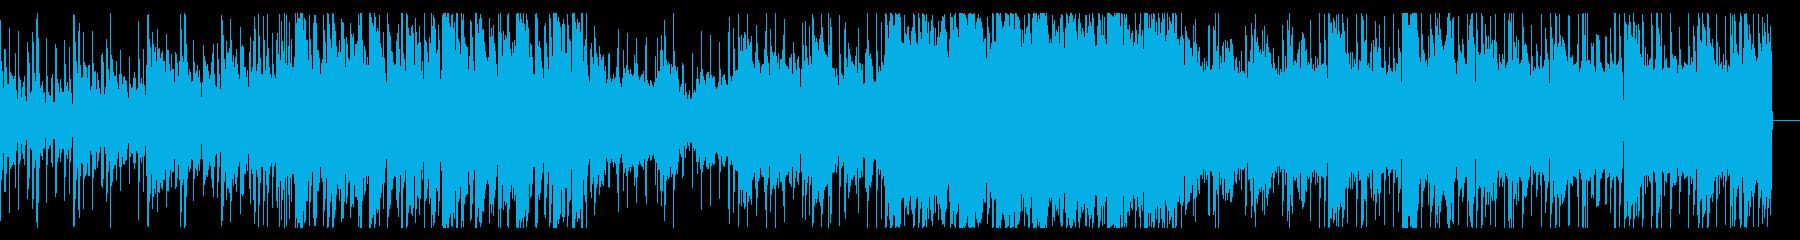 陰鬱でサスペンシブなアンビエントの再生済みの波形